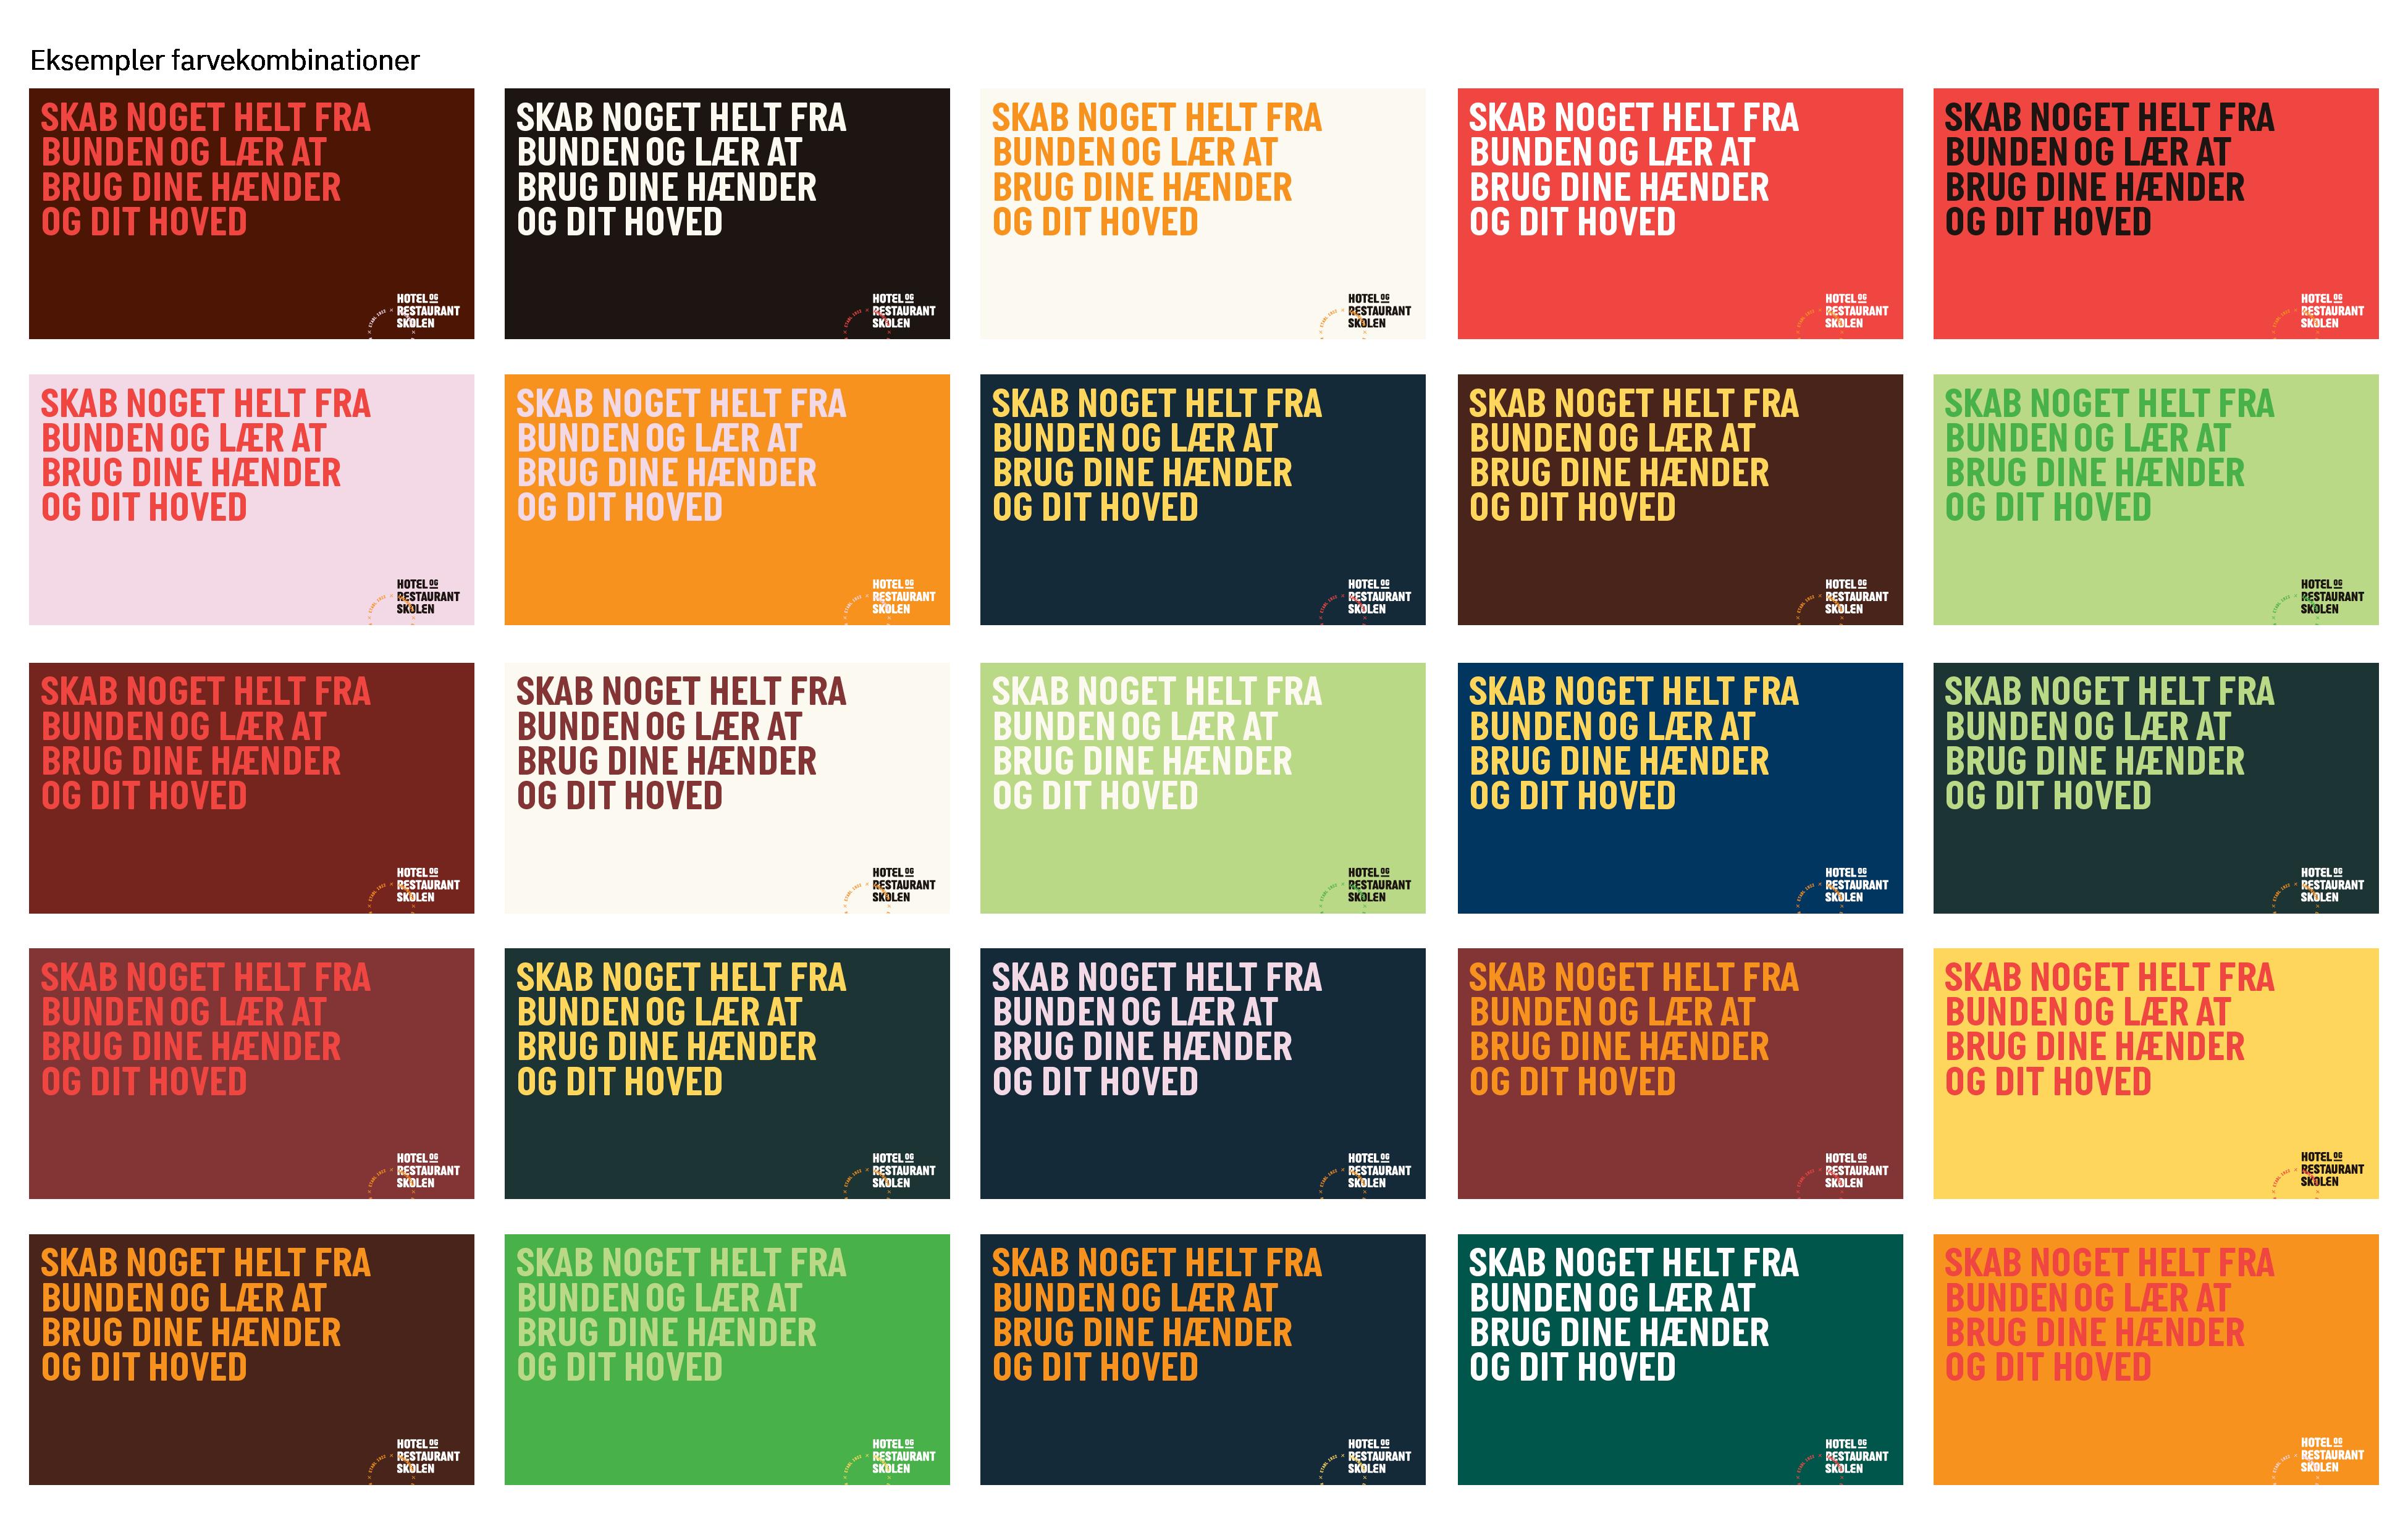 eksempler-farver-04b